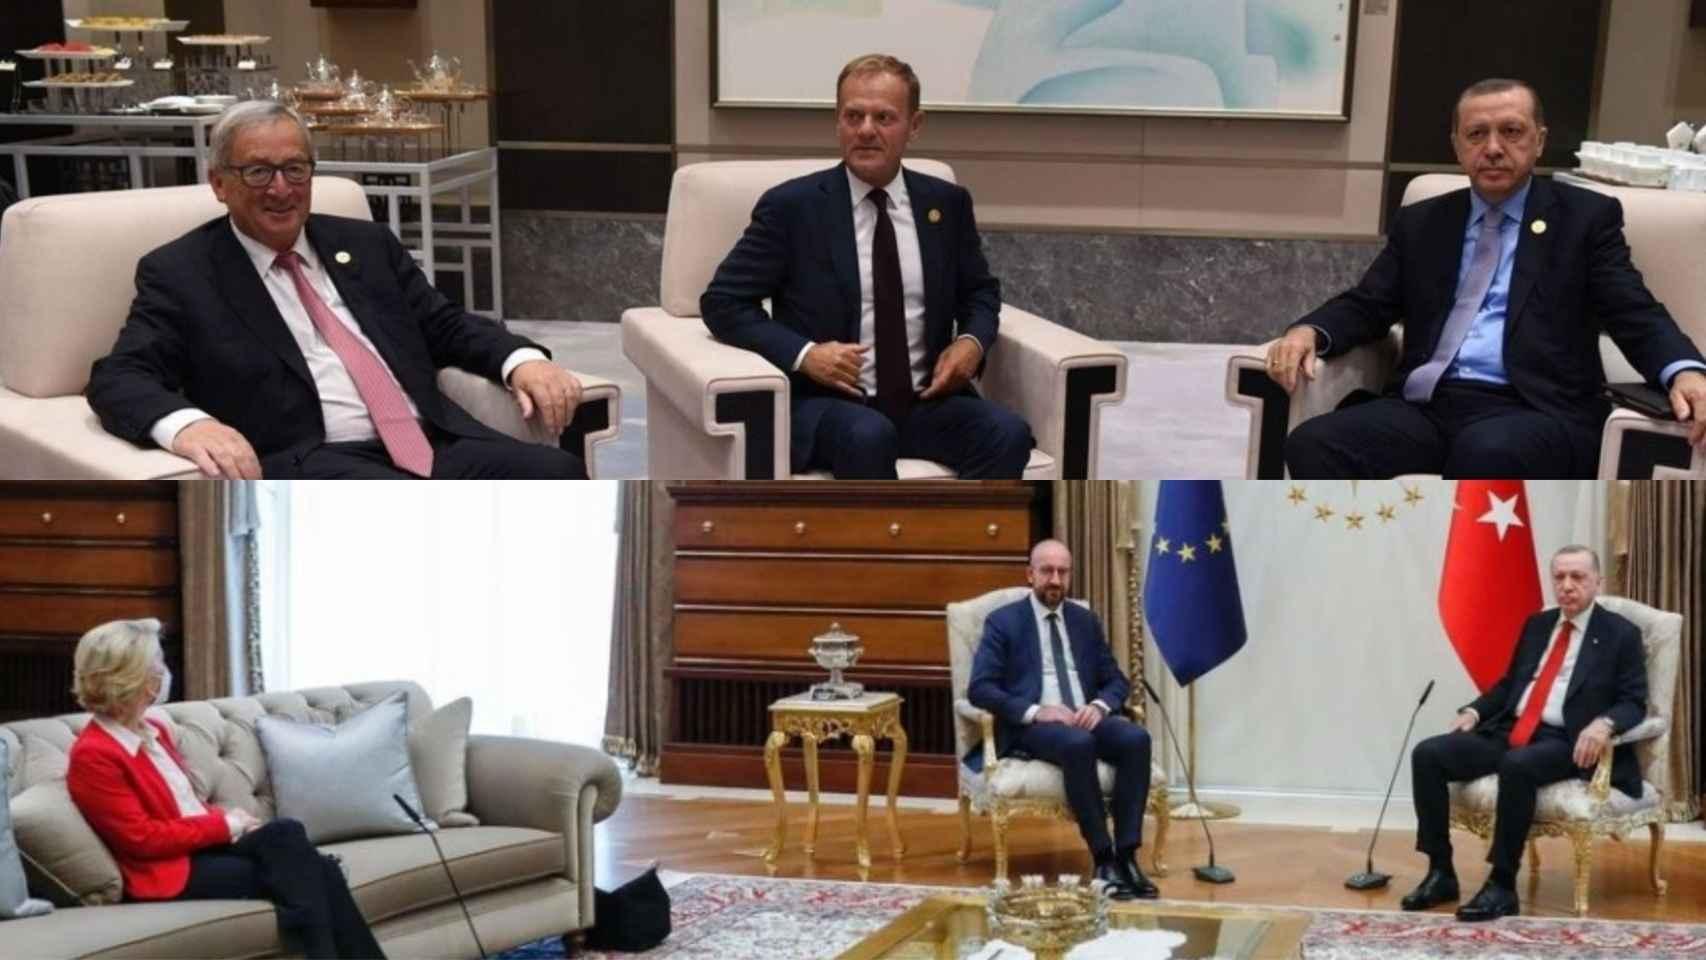 Los dos representantes masculinos de la Unión Europea en visita a Turquía y abajo la foto con Von der Leyen.